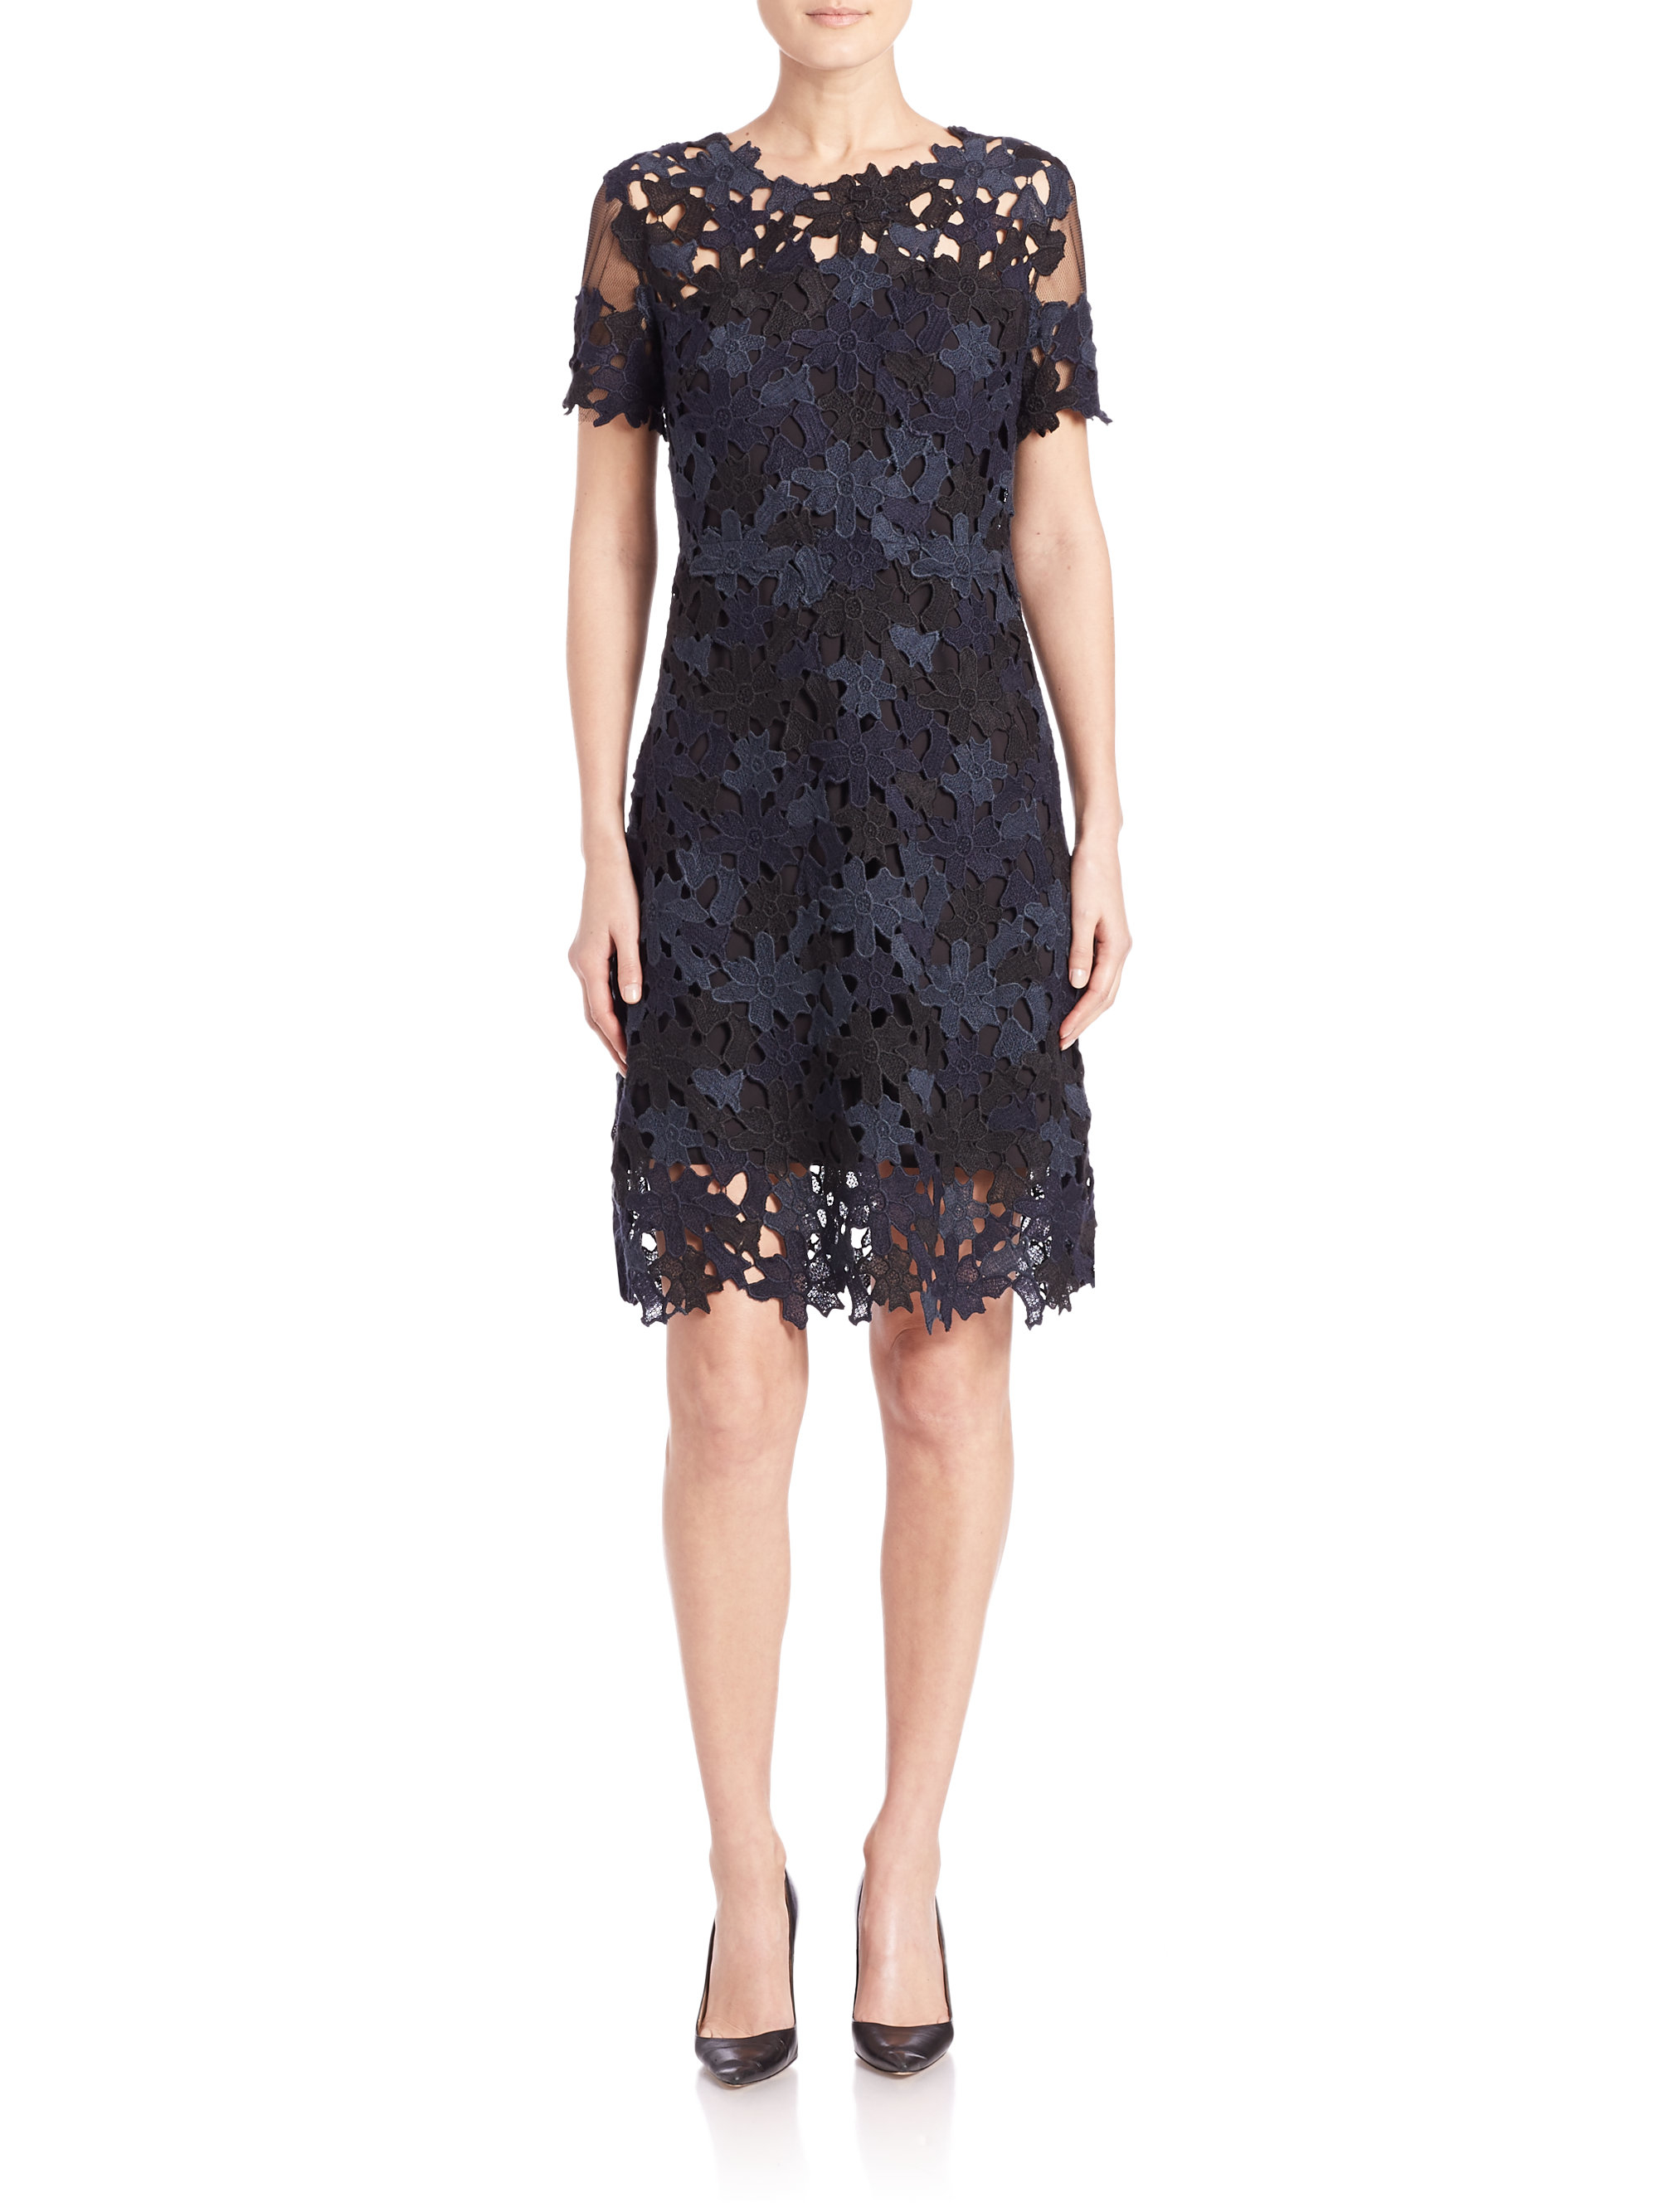 Tahari lace dress black